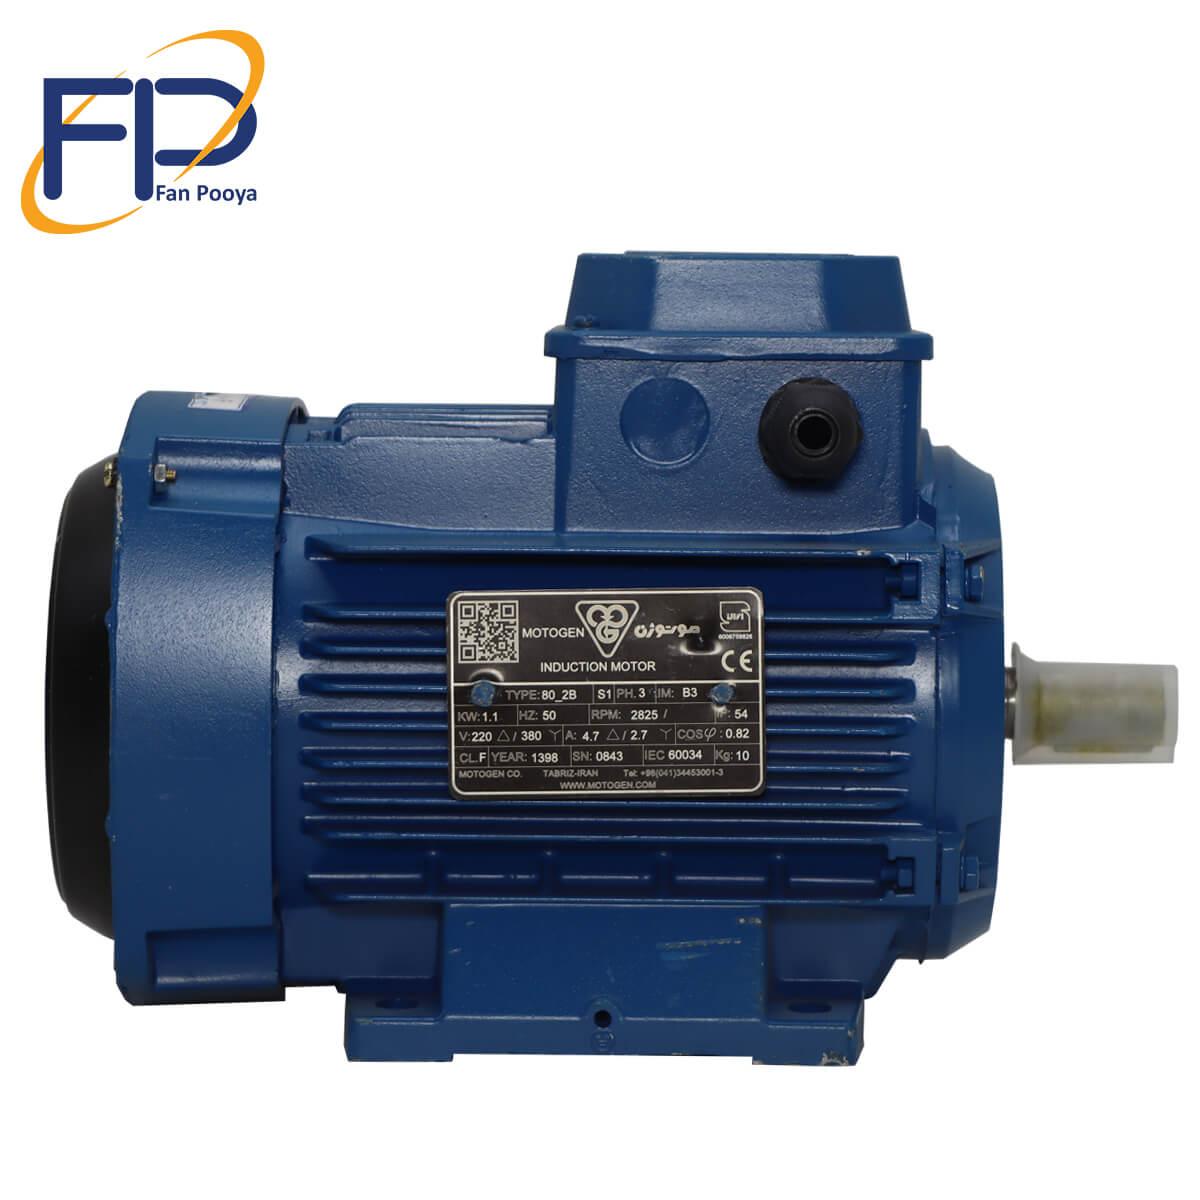 الکترو موتور موتوژن قدرت 1.1kw کیلو وات750 دور